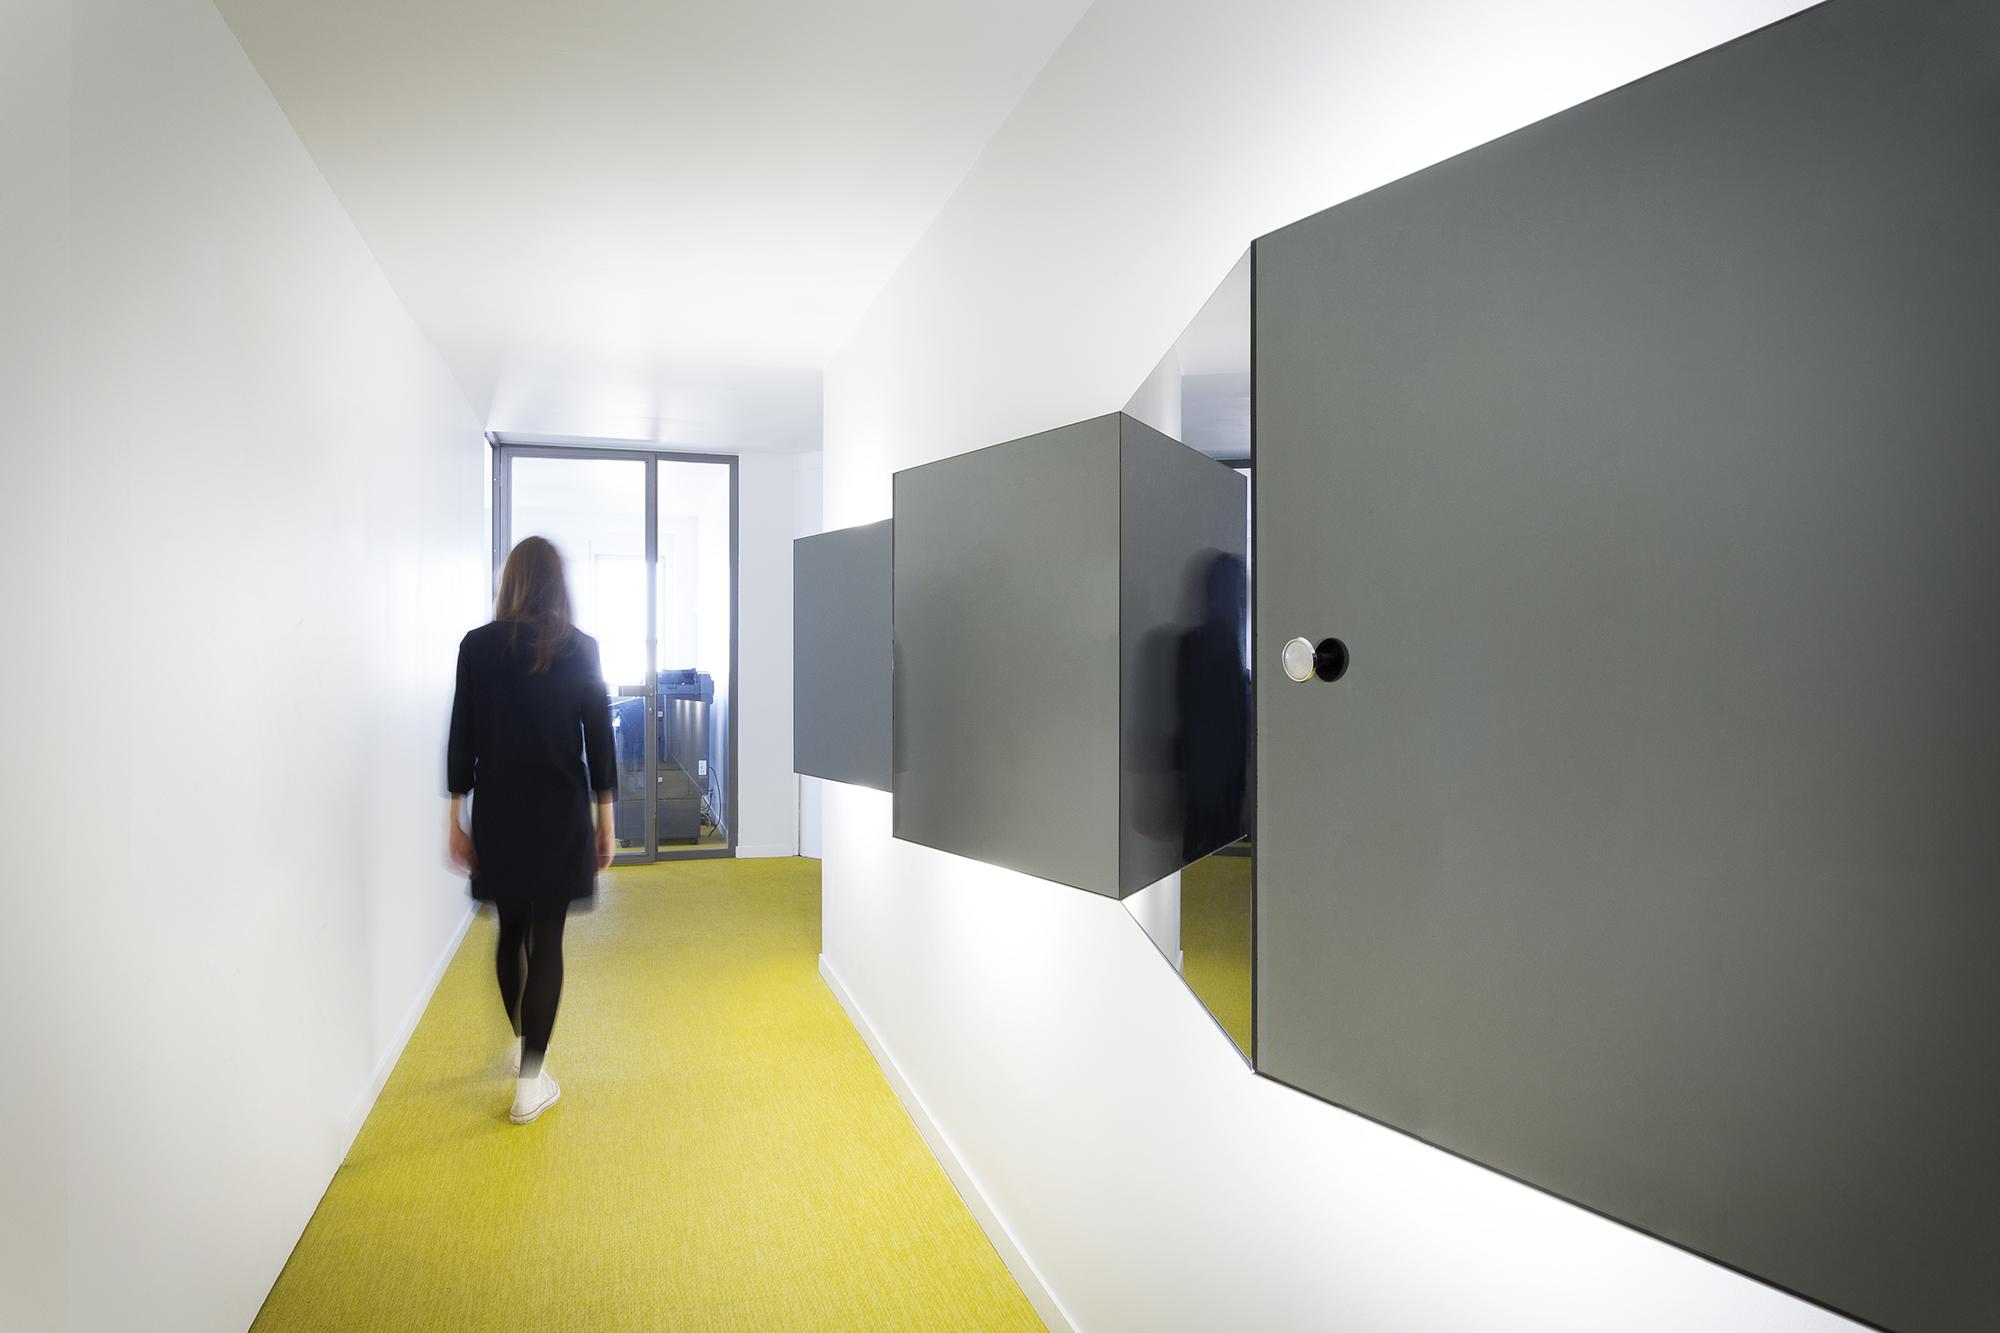 maxime-rouaud-architecte-agence-agency-architectural-teamarchi-offices-bureaux-2017-mc-lucat